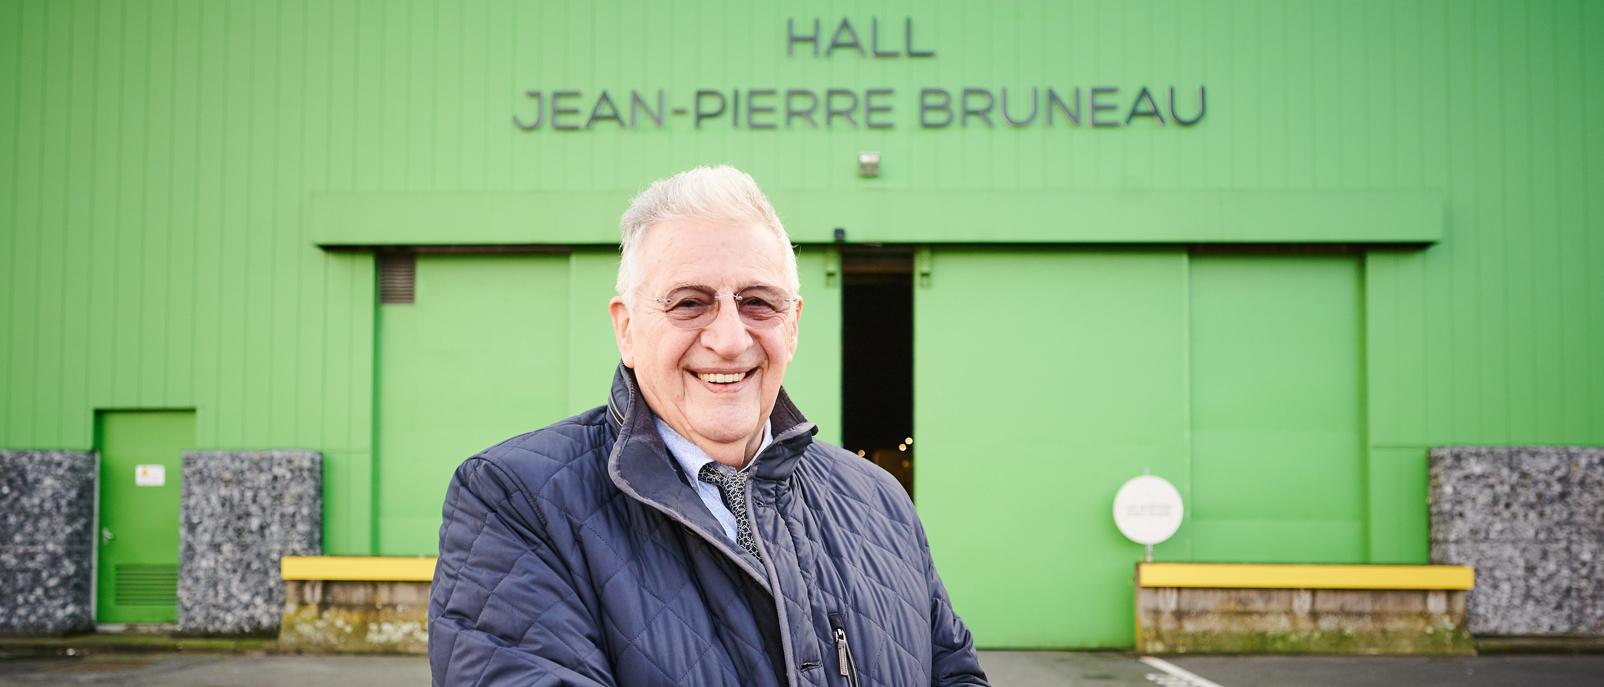 De hal G van de markt werd omgedoopt en vernoemd naar de Chef Jean-Pierre Bruneau